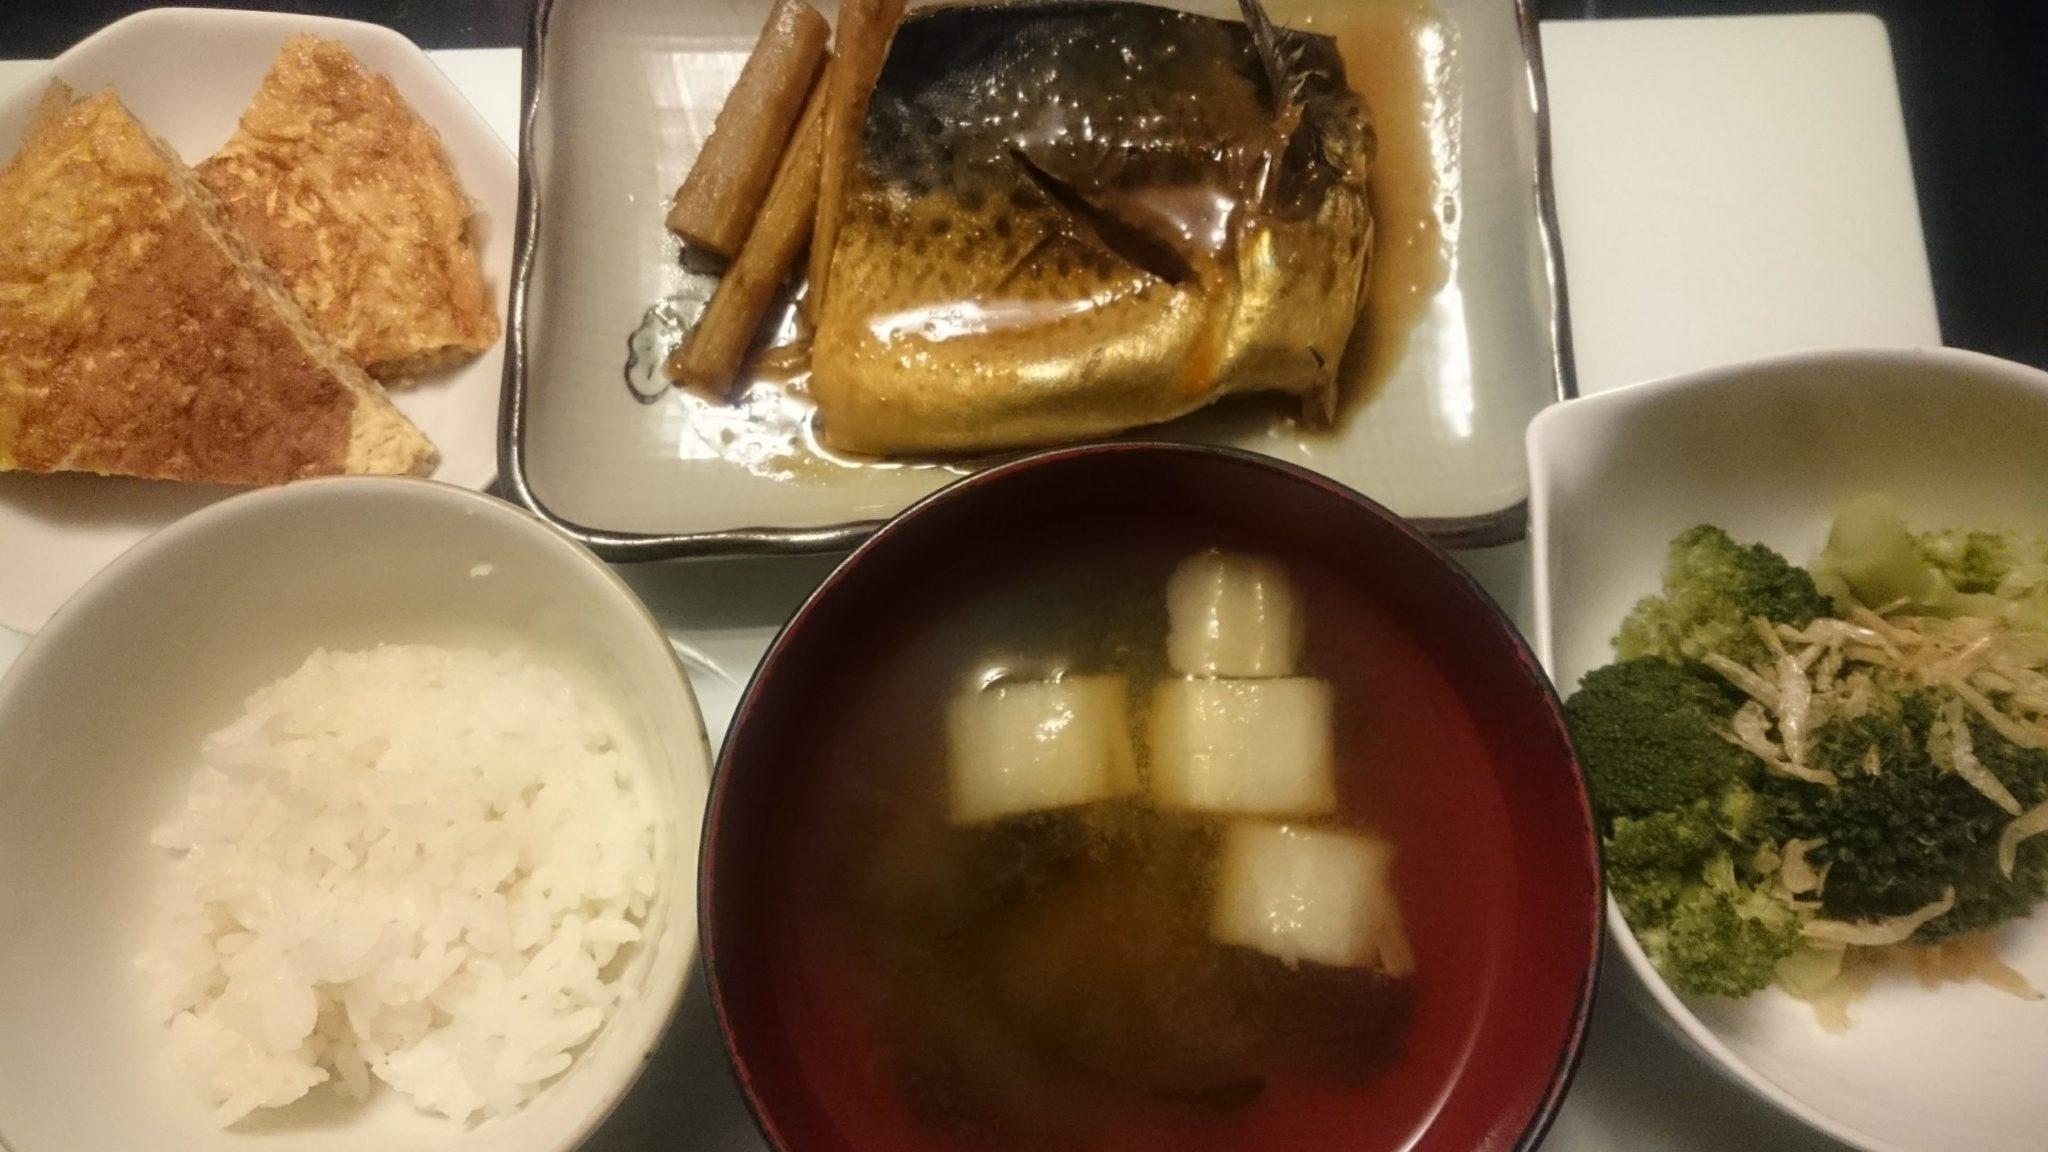 サバの味噌煮+ブロッコリーのおひたし+切干大根入り卵焼き